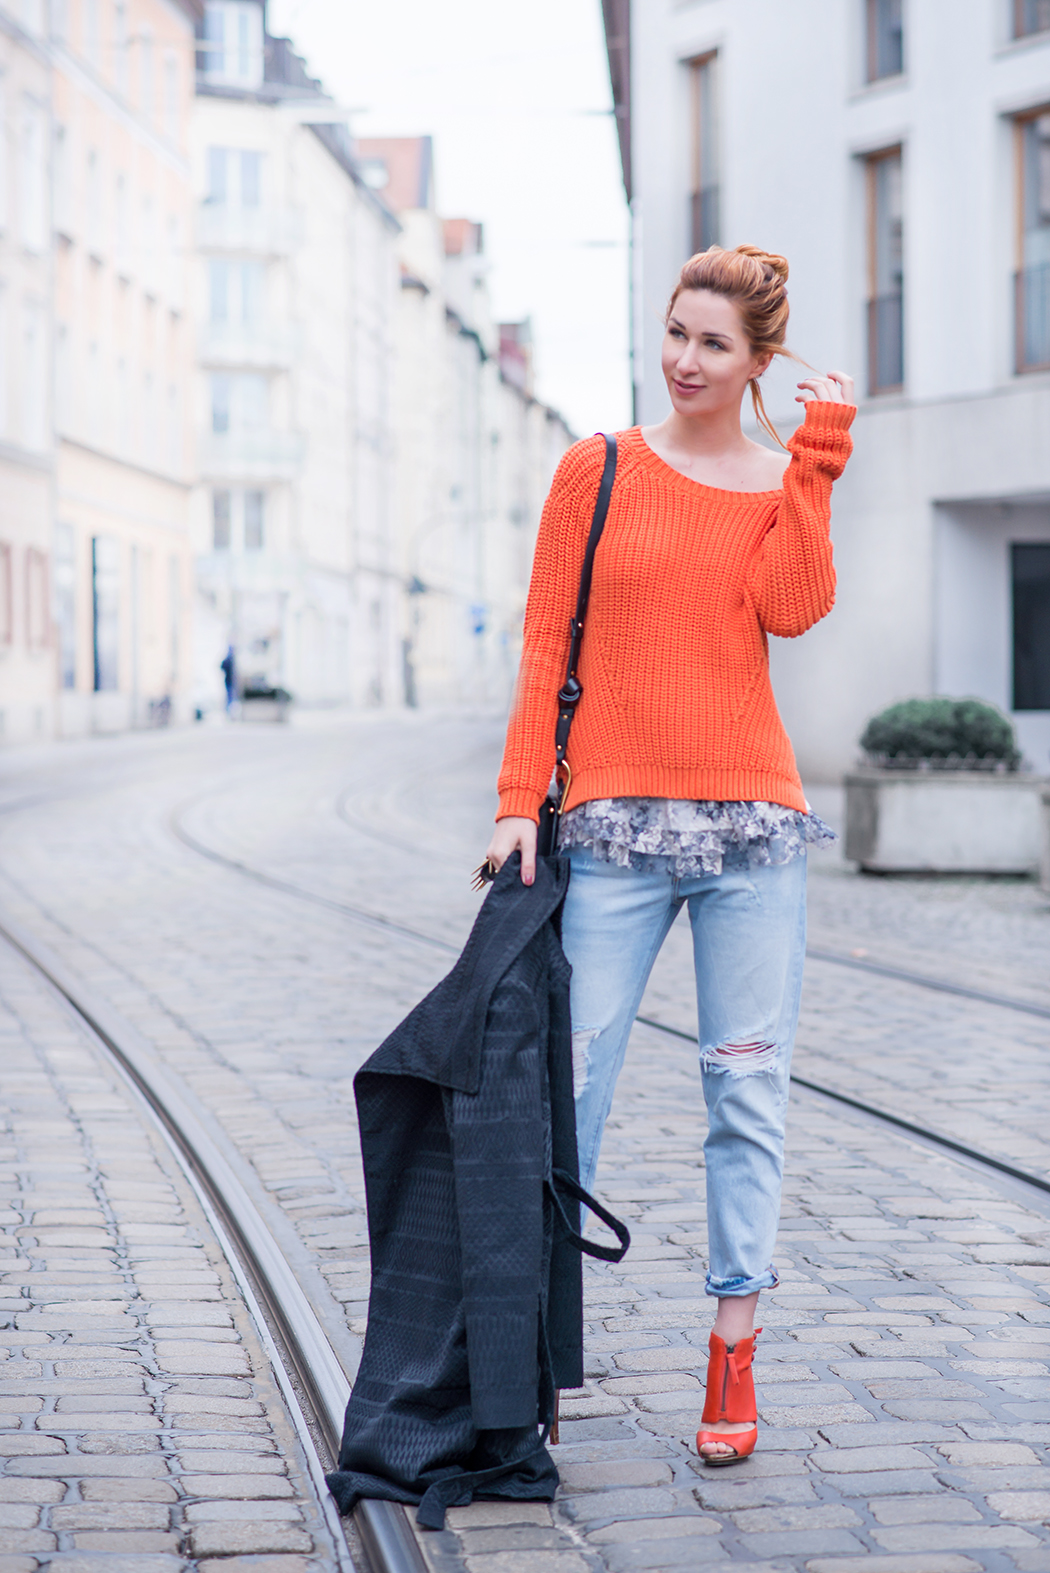 Fashionblog-Fashionblogger-Fashion-Blog-Blogger-Muenchen-Berlin-Oversize-Lagenlook-Hallhuber-3-web